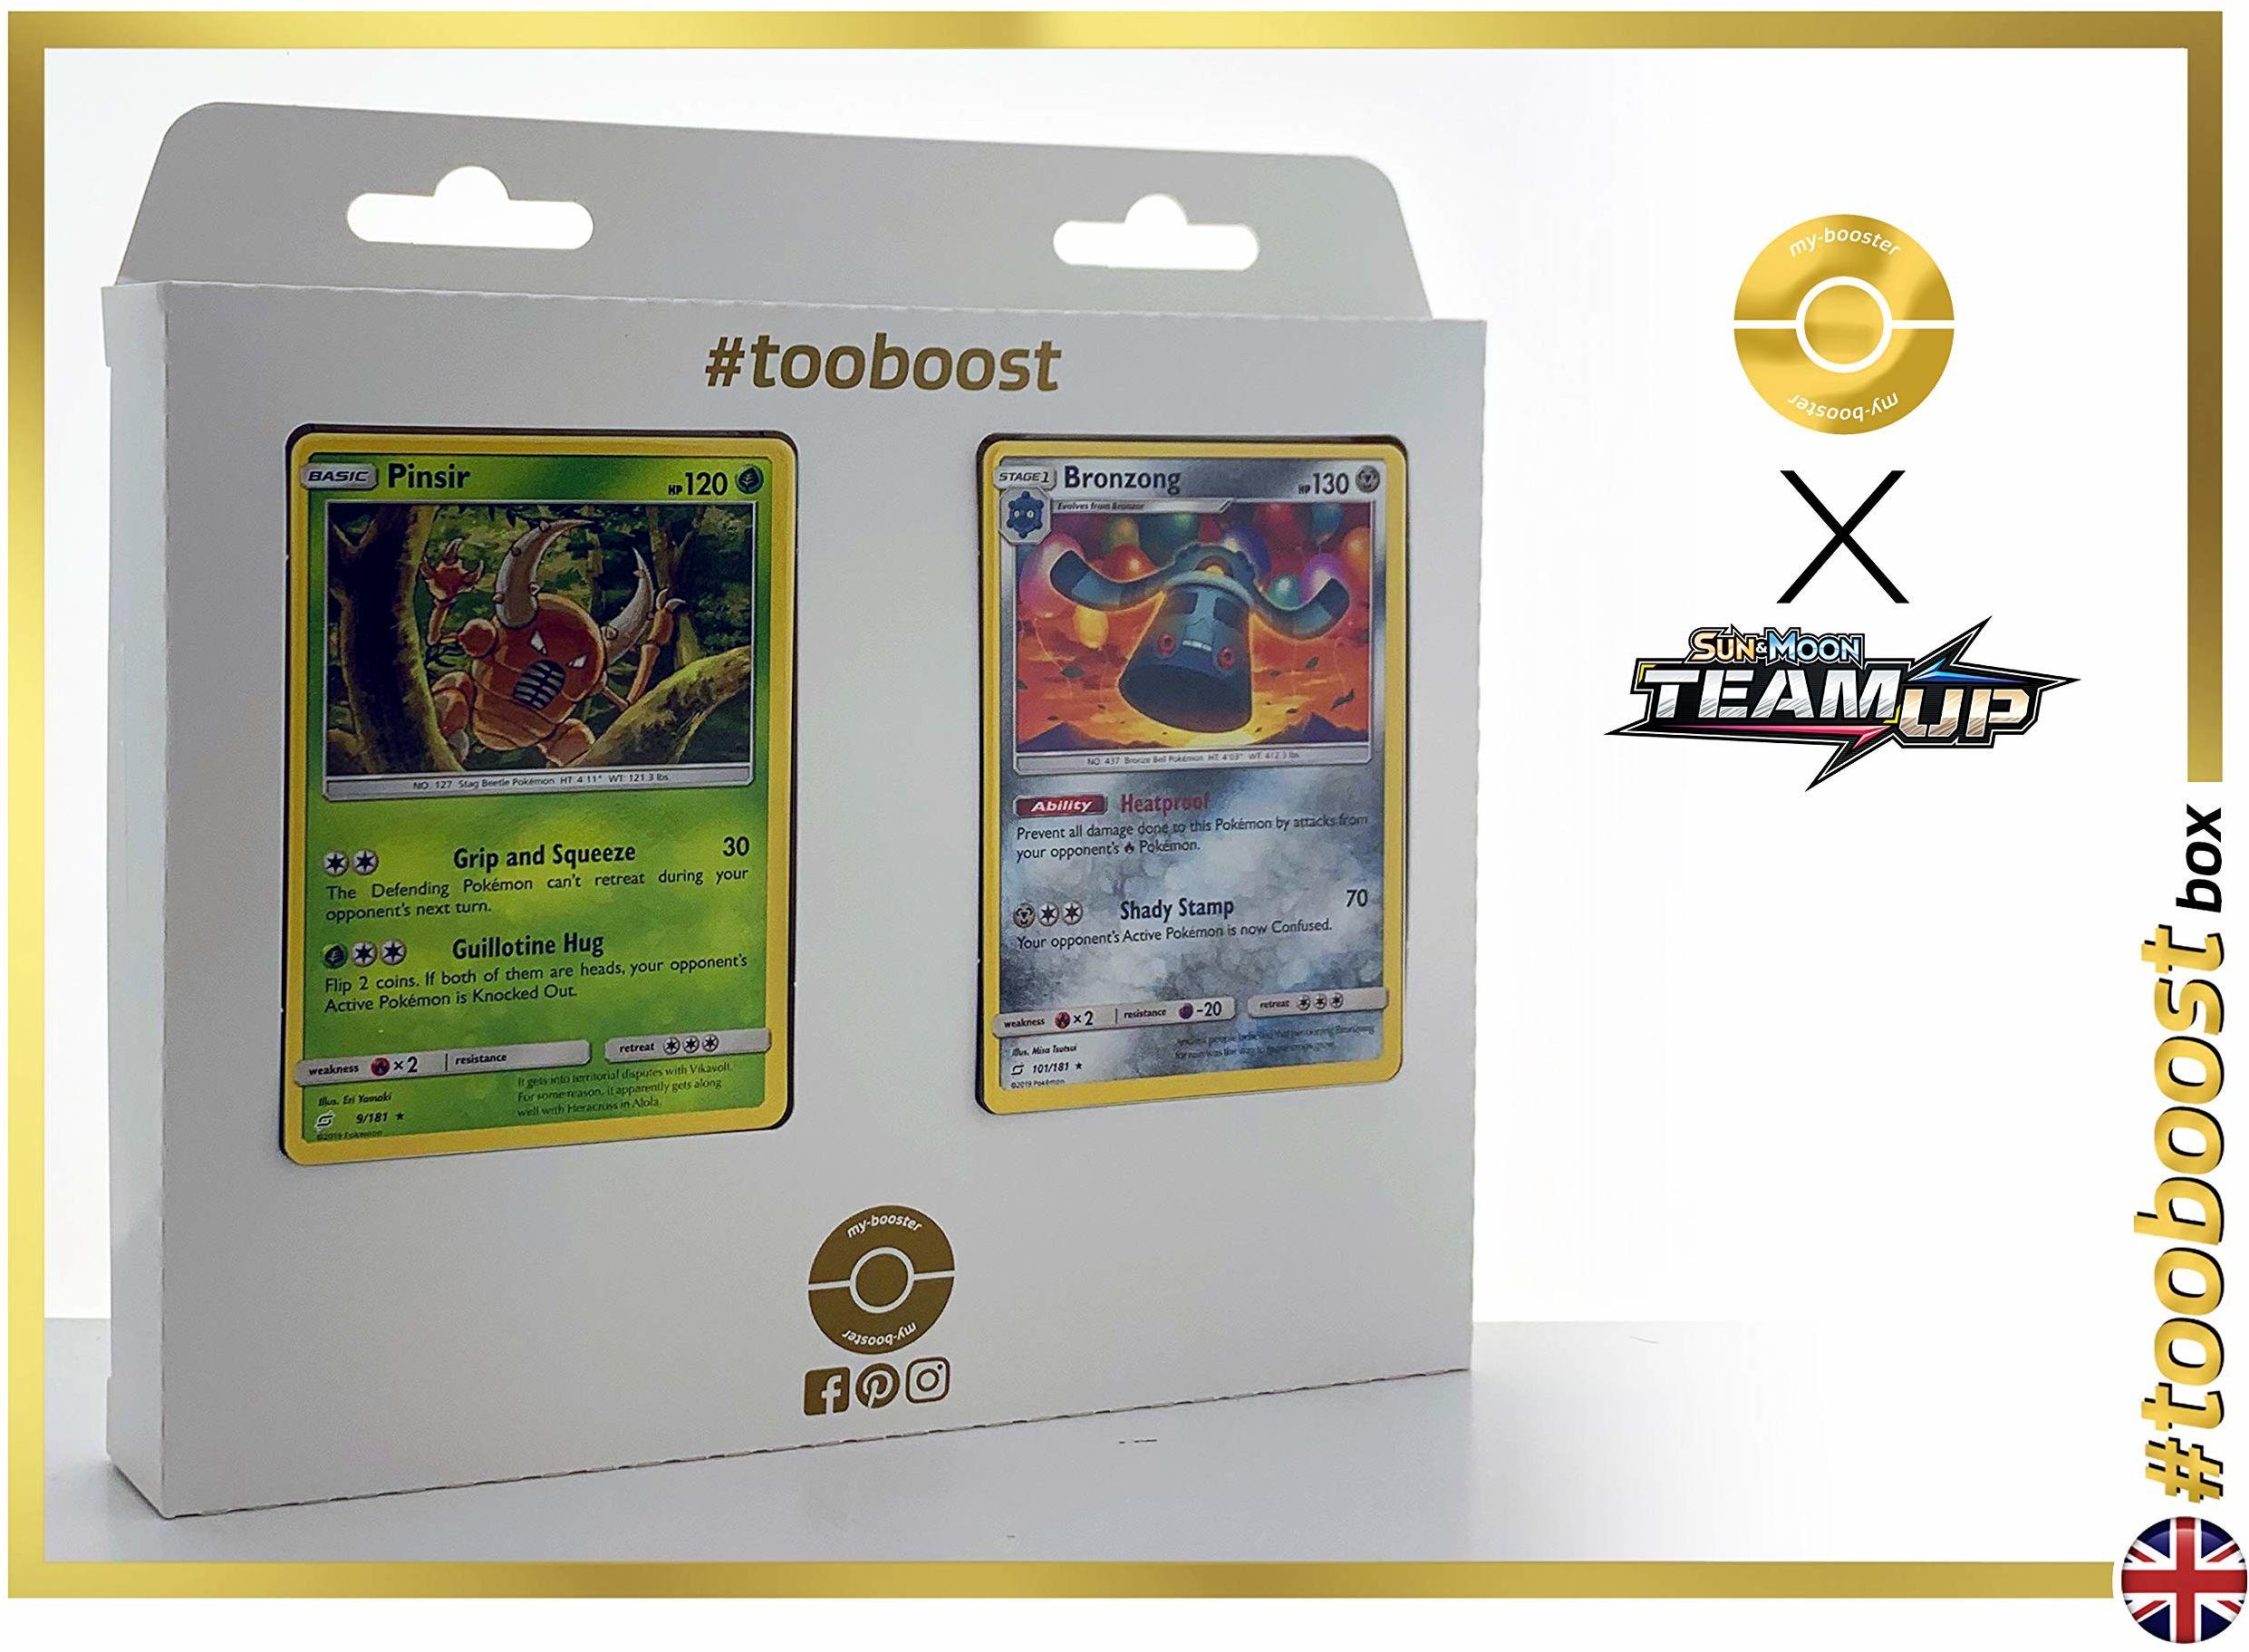 Pinsir (Pinsir) 9/181 & Bronzong 101/181  #tooboost X Sun & Moon 9 Team Up  pudełko z 10 angielskimi kartami Pokémon + 1 Goodie Pokémon